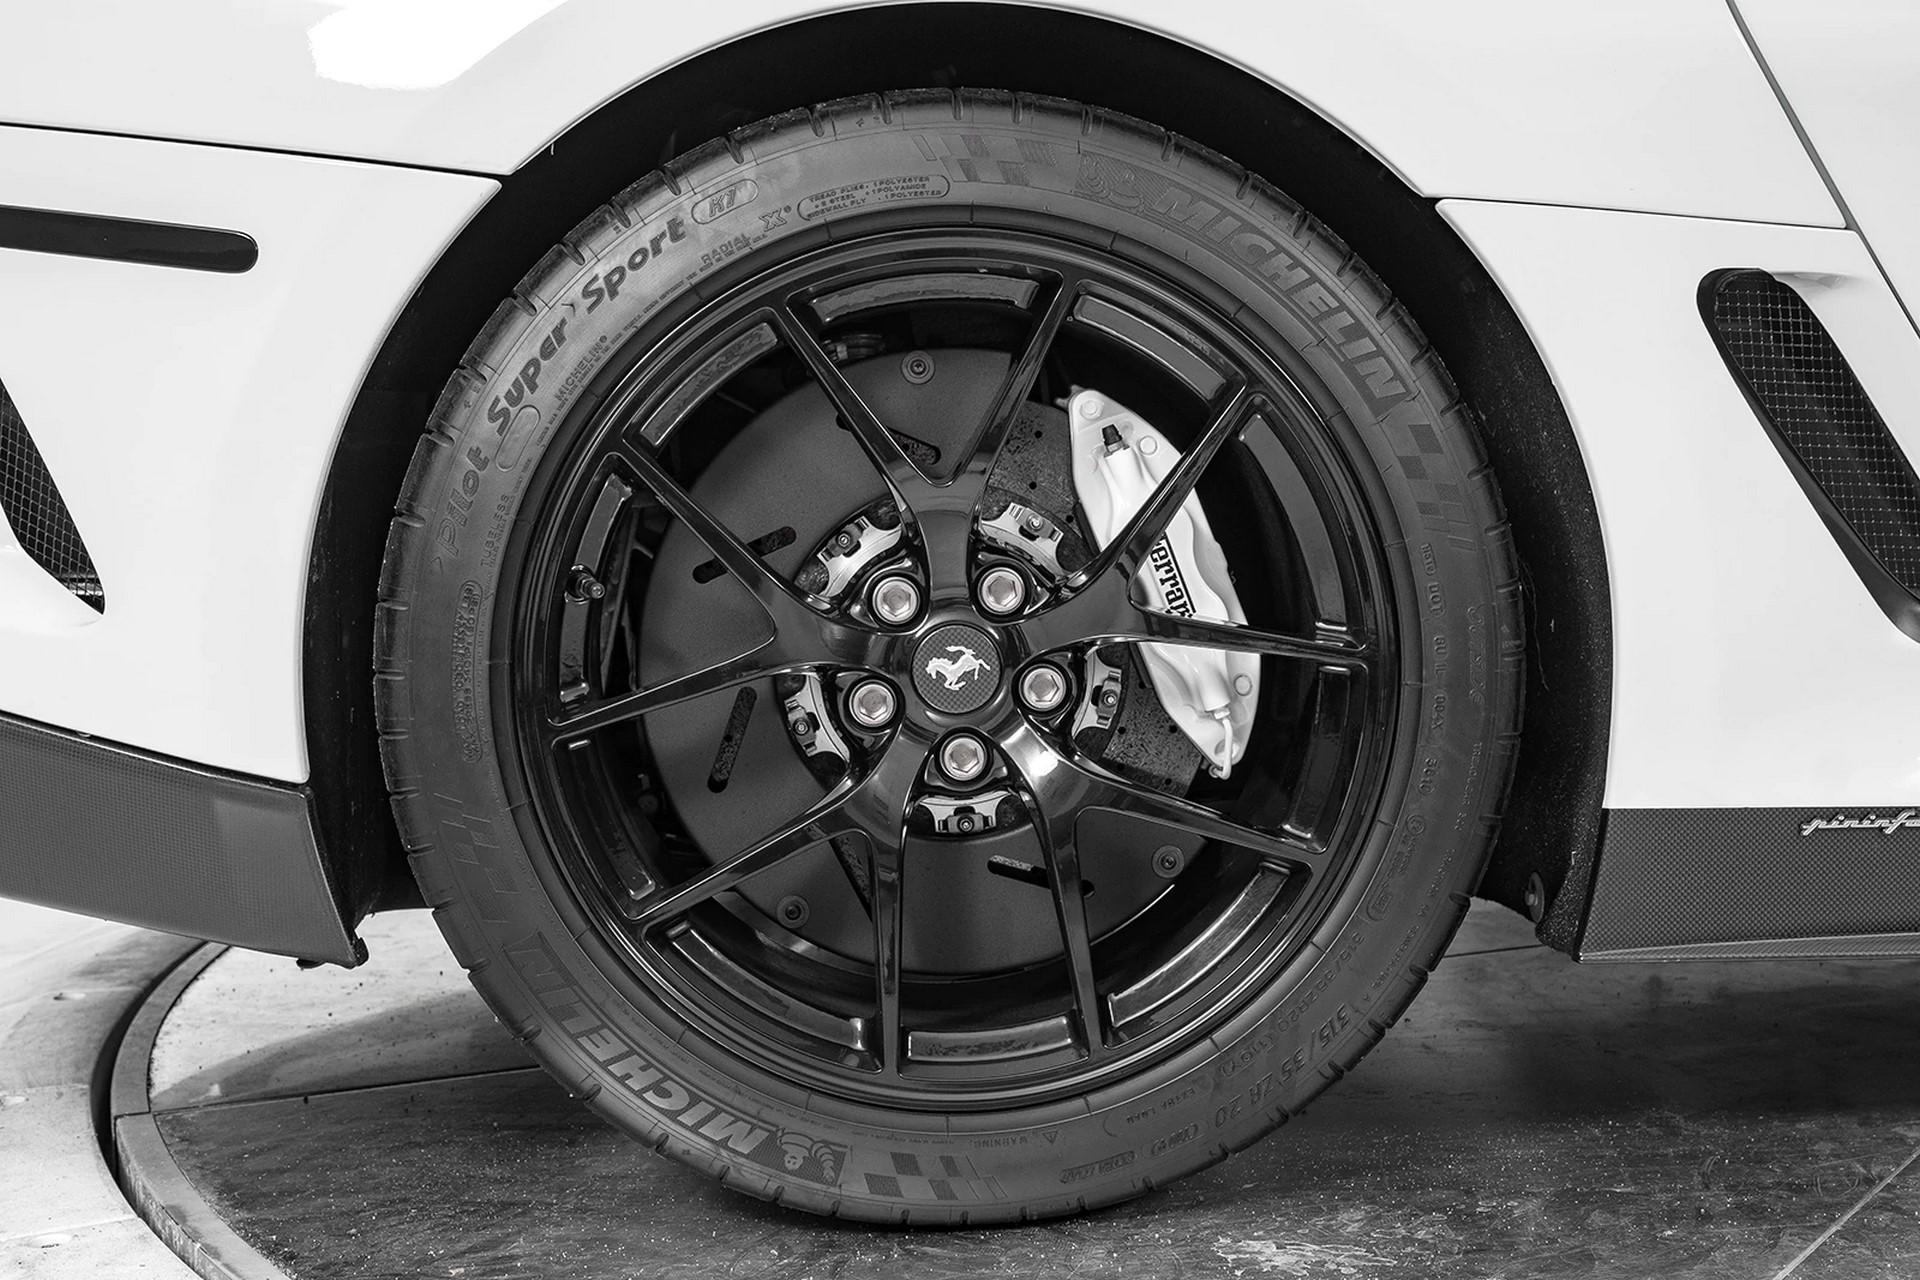 Ferrari 599 GTO with xx aero parts (29)